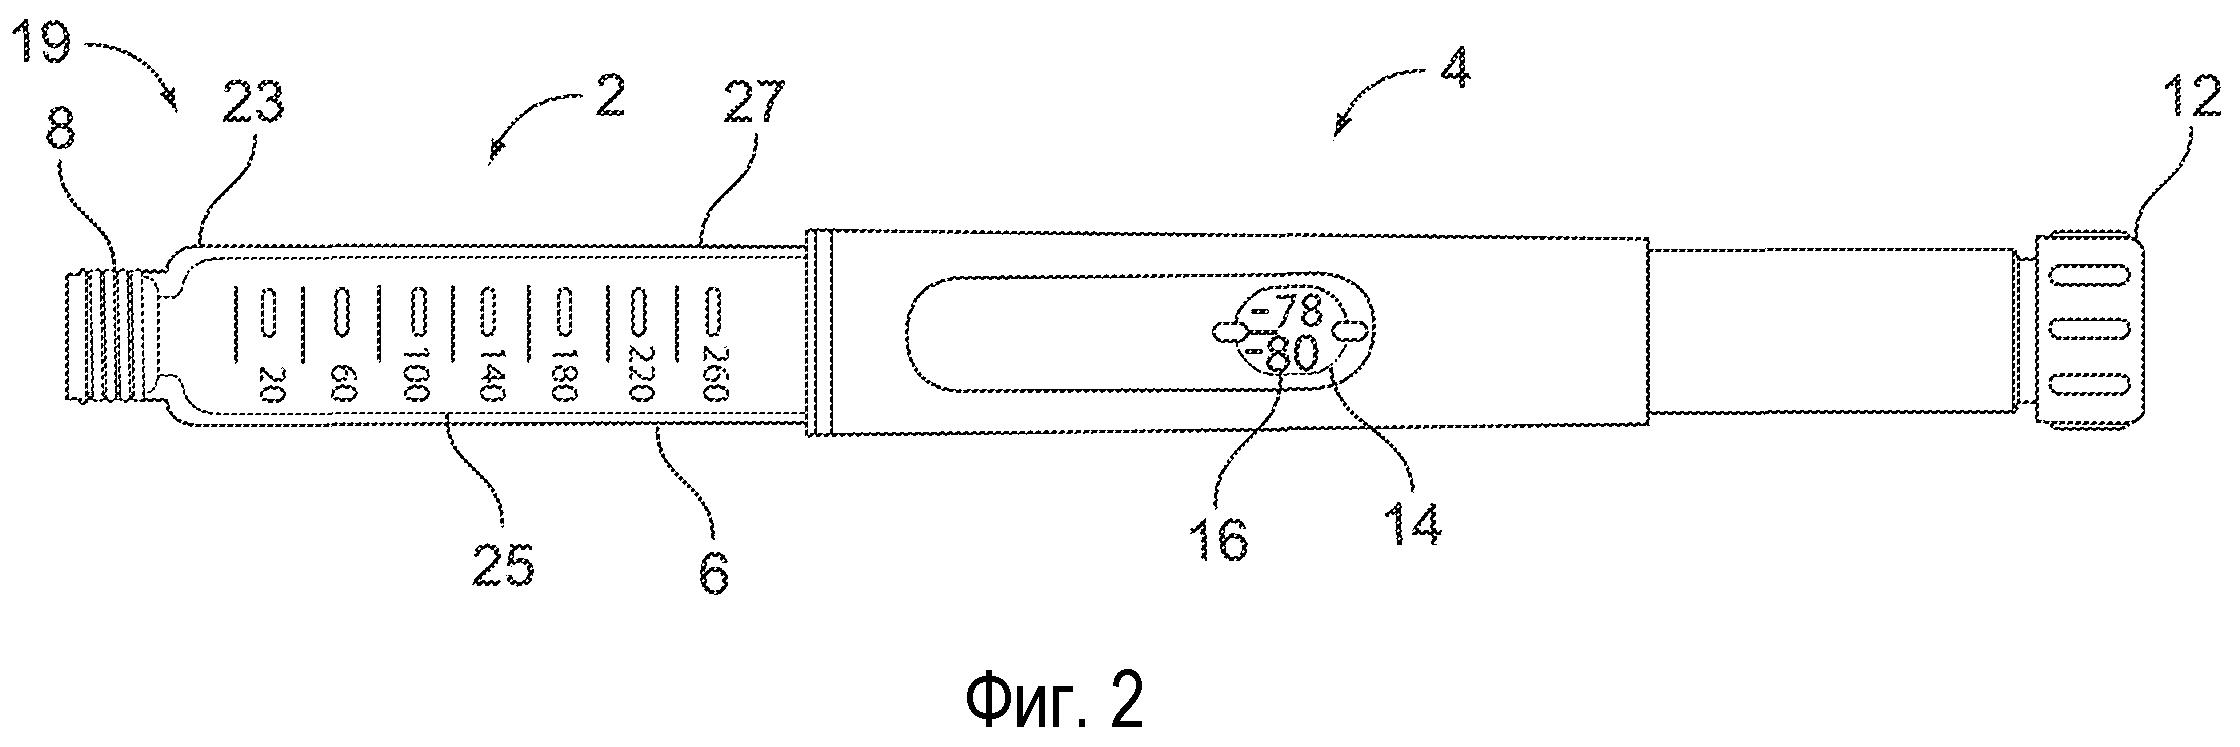 Задающий дозу механизм для устройства доставки лекарственного средства